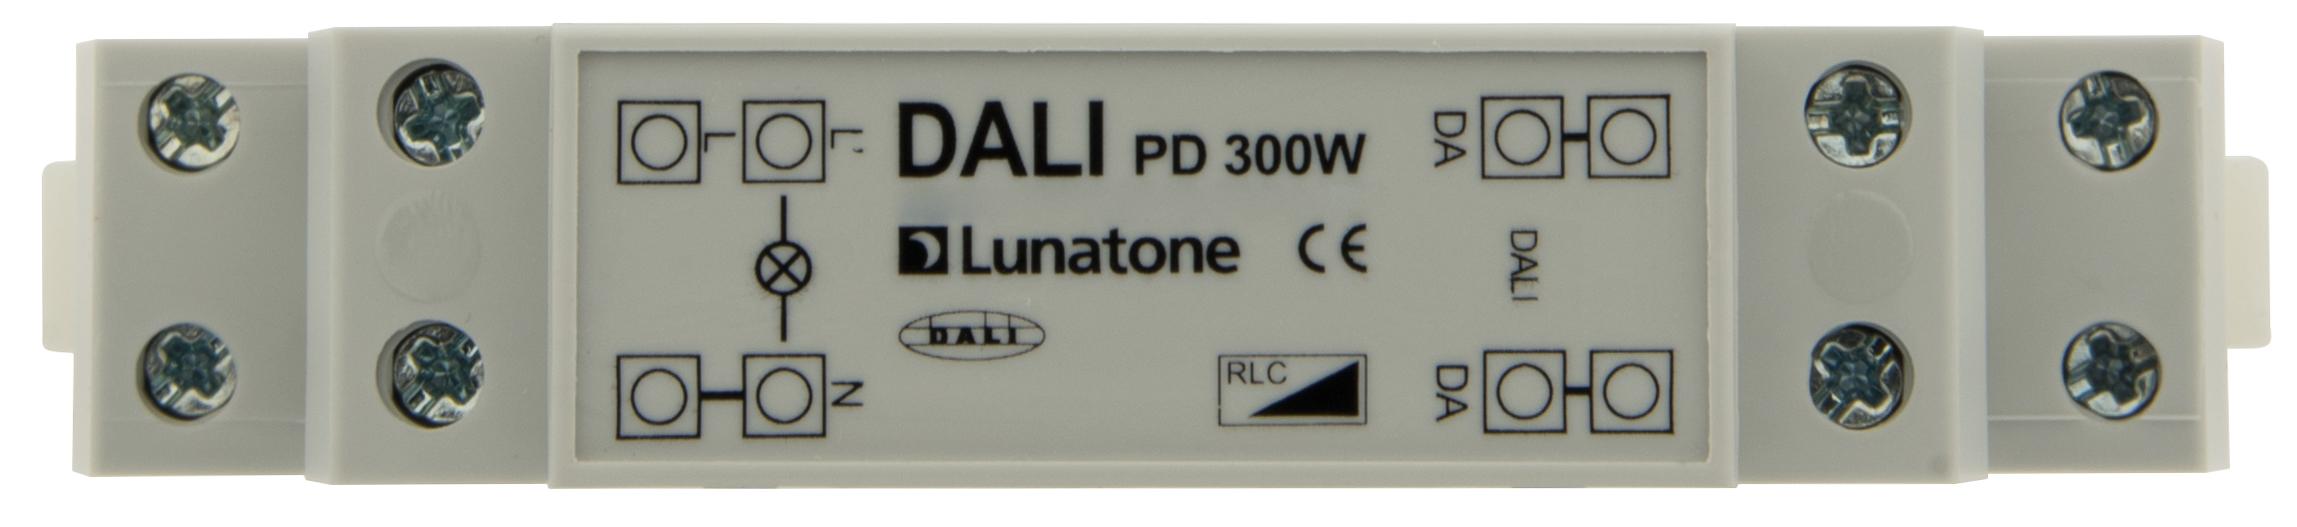 1 Stk DALI PD Universaldimmer 300W Hutschienenmontage LILC004031